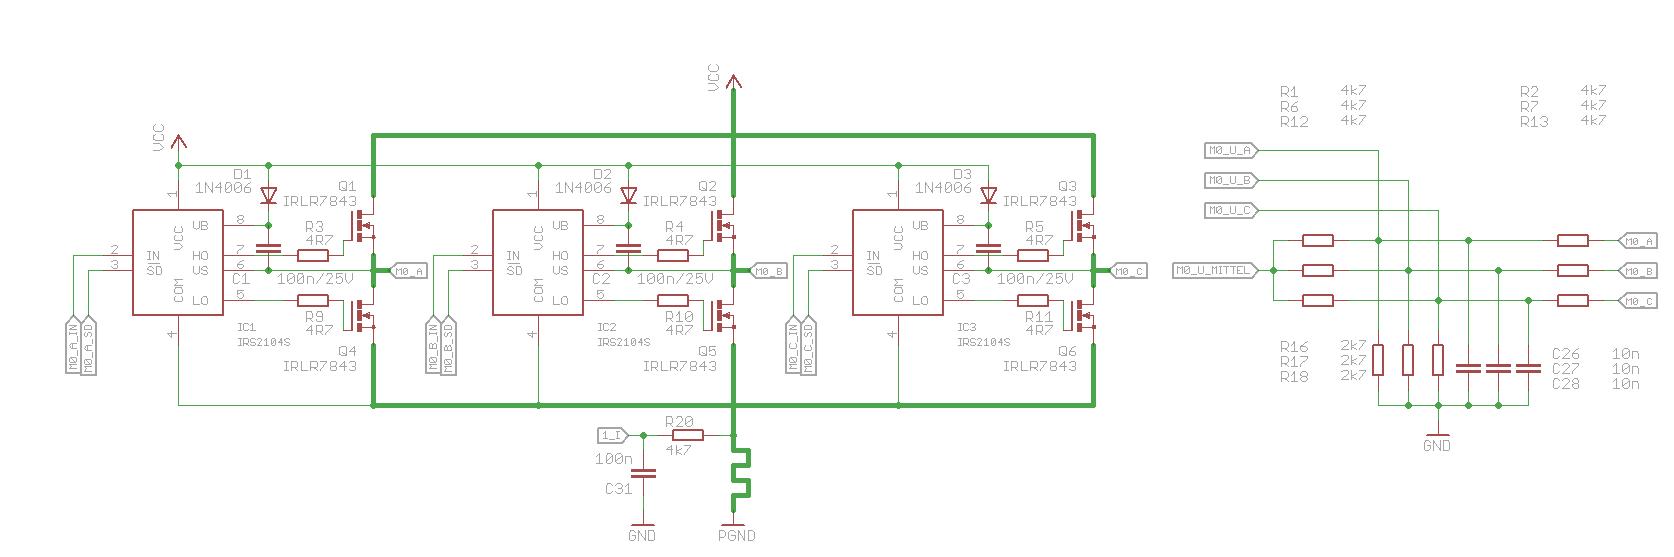 Niedlich Elektromotor Schaltung Bilder - Schaltplan Serie Circuit ...